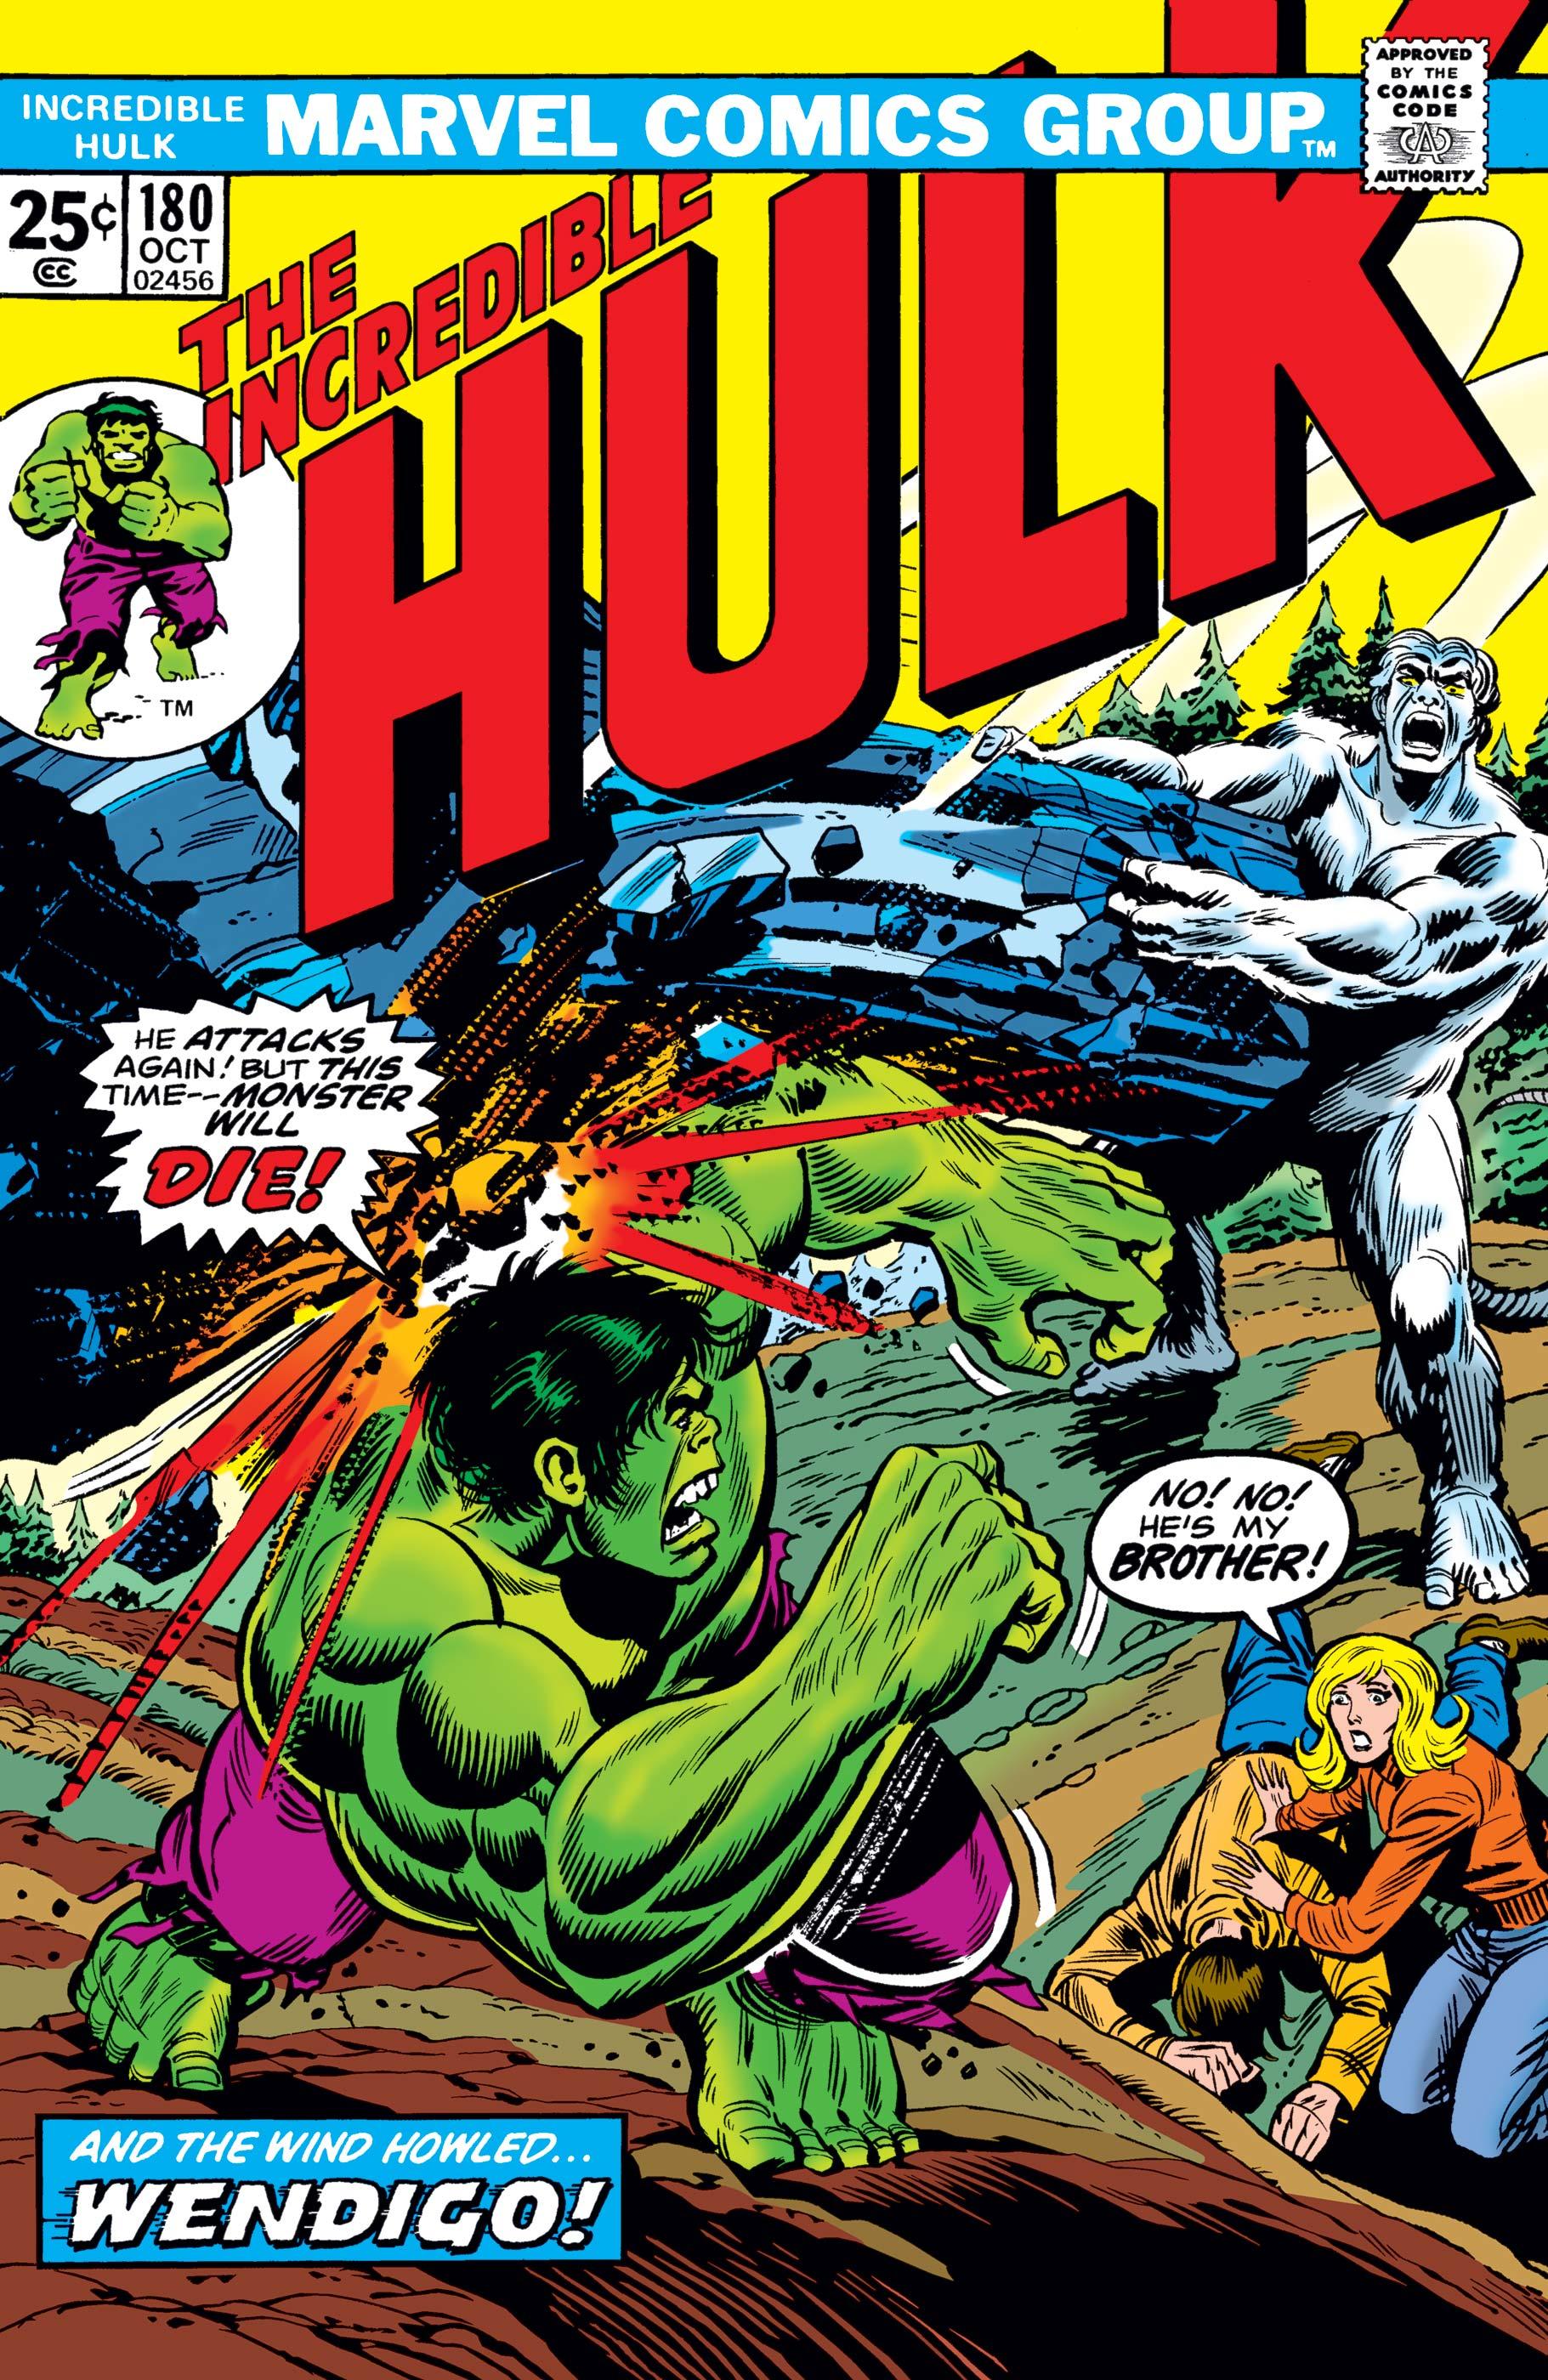 Incredible Hulk (1962) #180